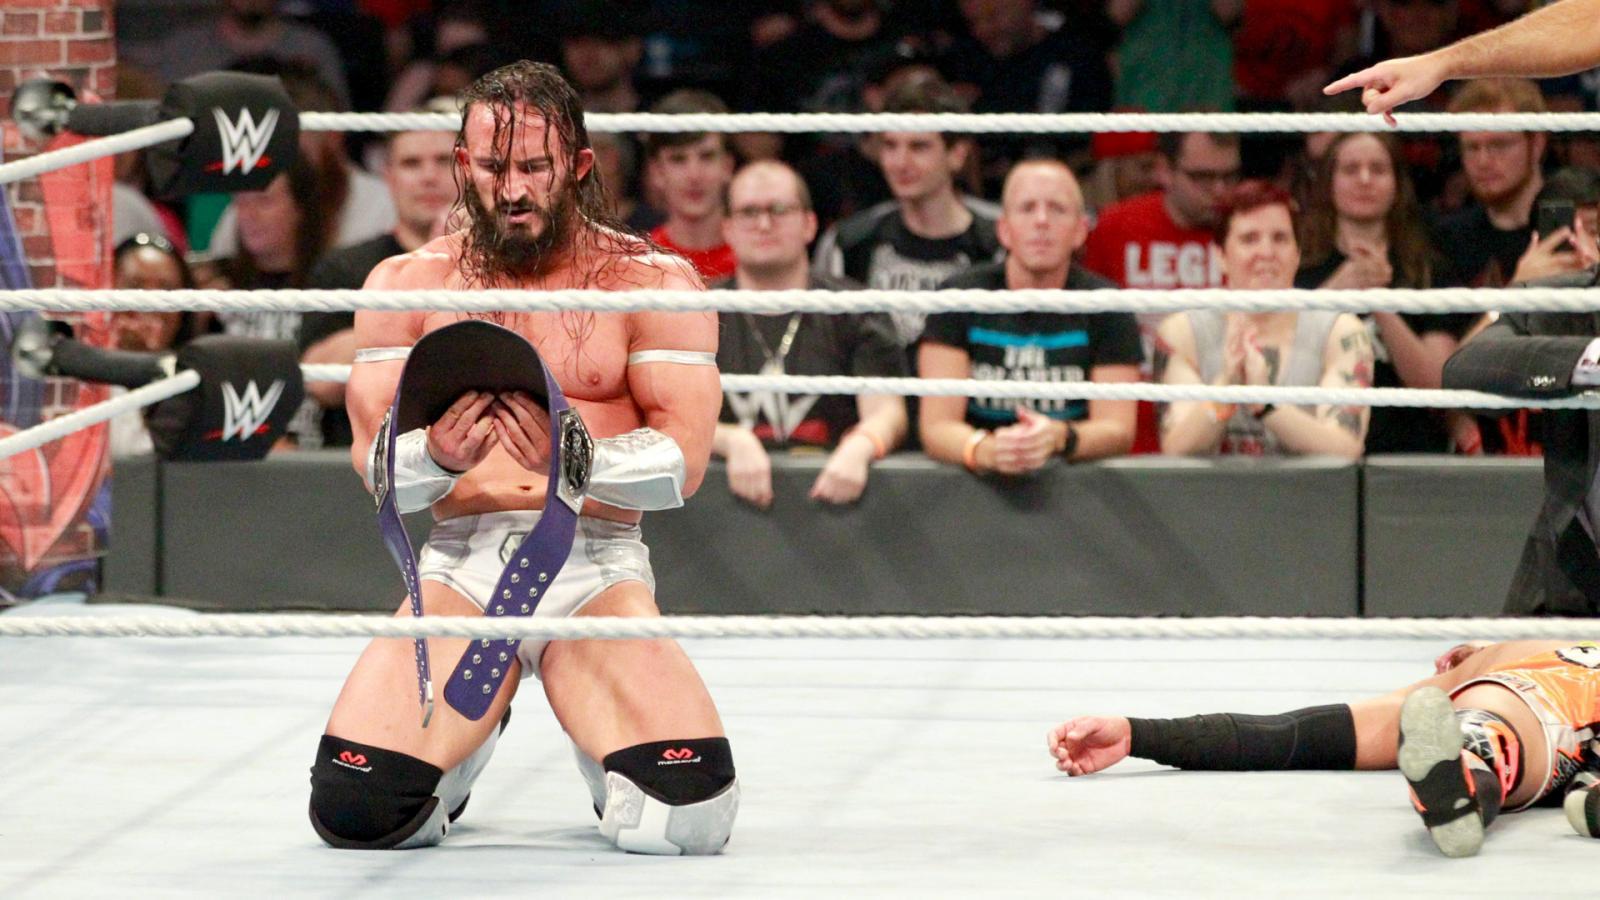 WWE SummerSlam 2017 - Campeonato Crucero - Akira Tozawa vs. Neville